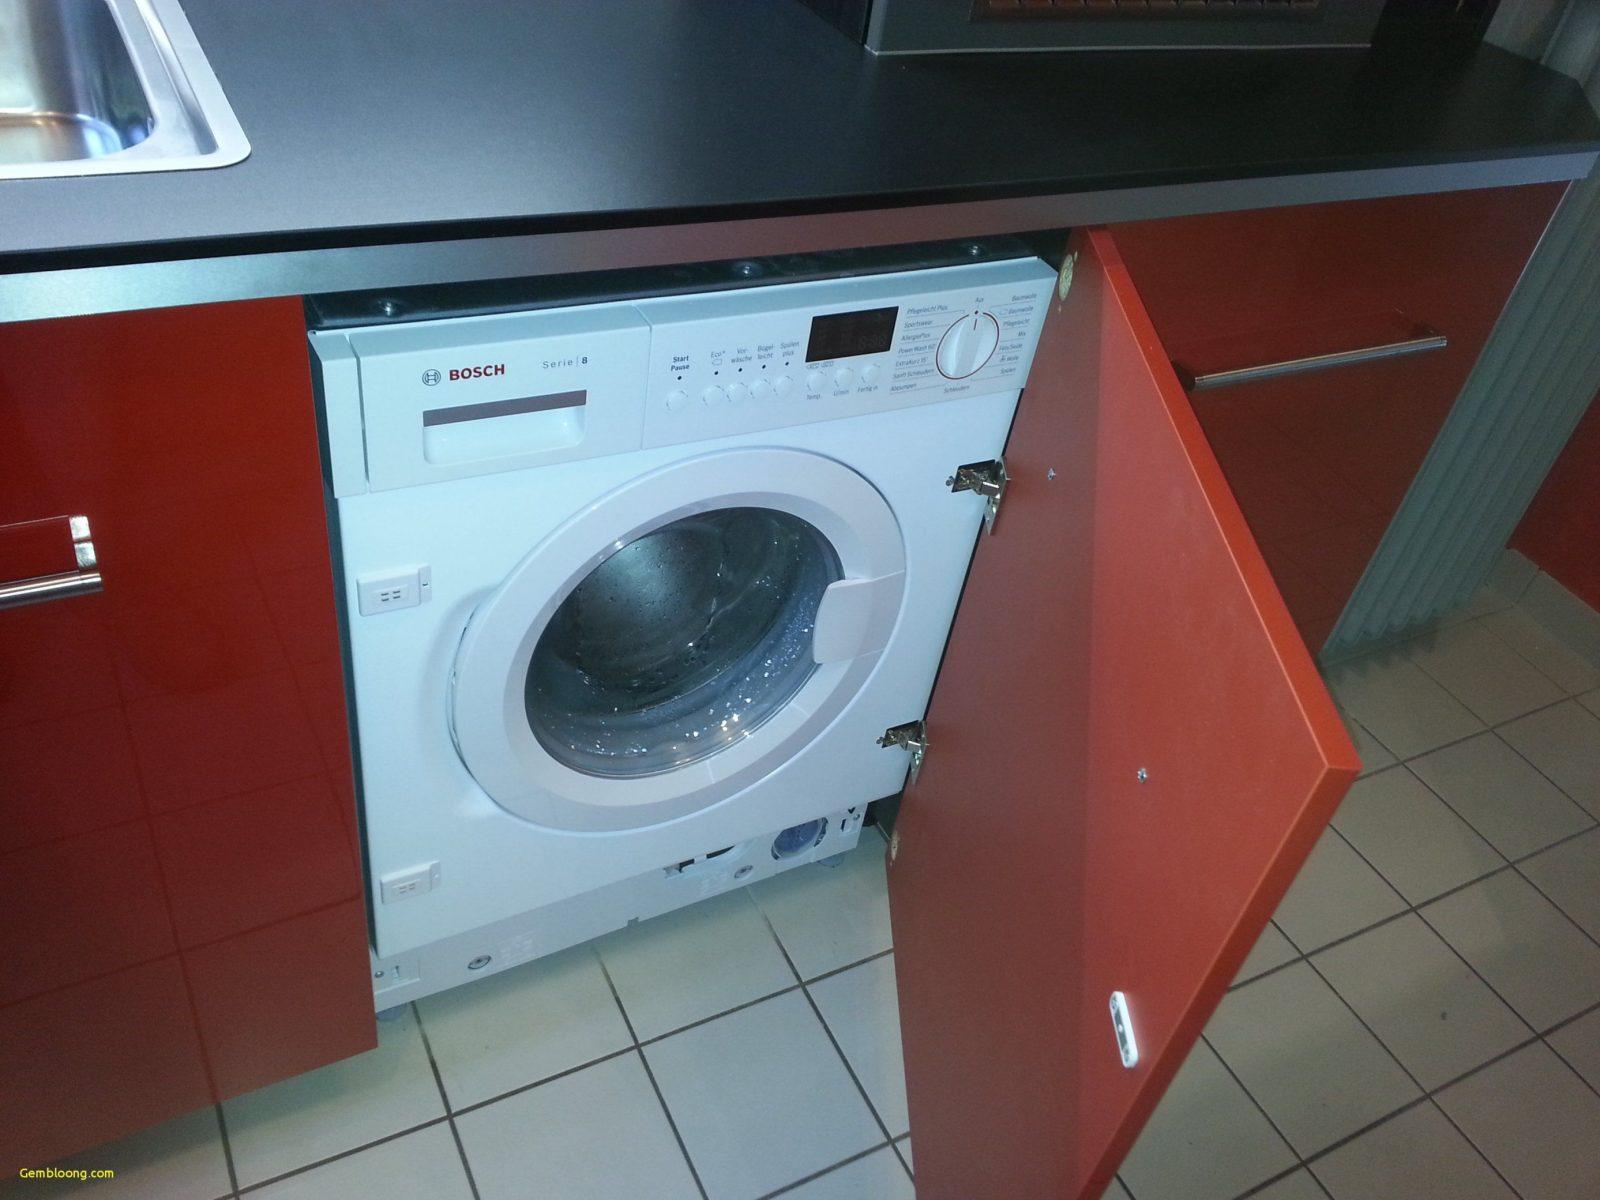 Waschmaschine In Küche Verstecken Schön Waschmaschine In Küche von Waschmaschine In Küche Verstecken Photo